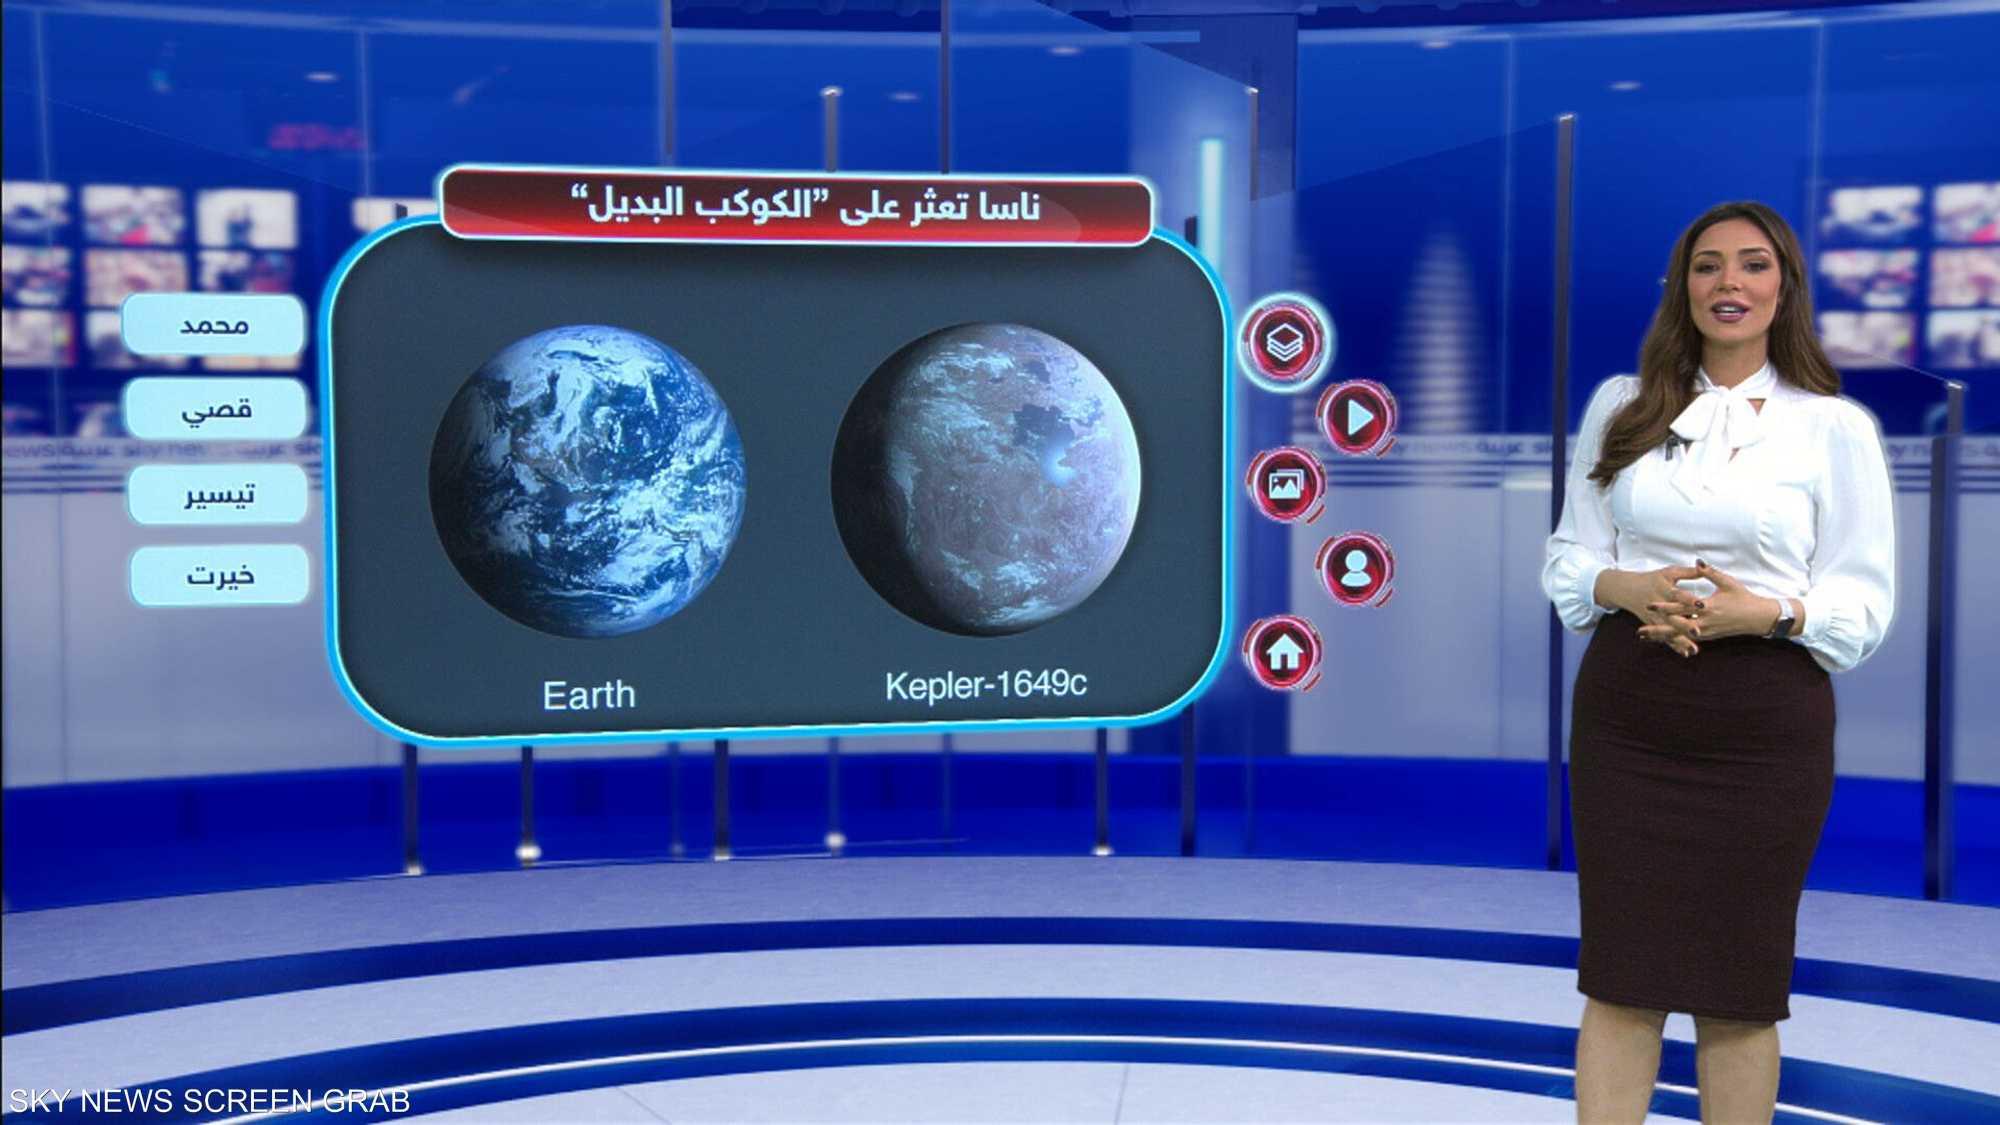 علماء الفلك يعثرون على الكوكب الأكثر شبها بالأرض